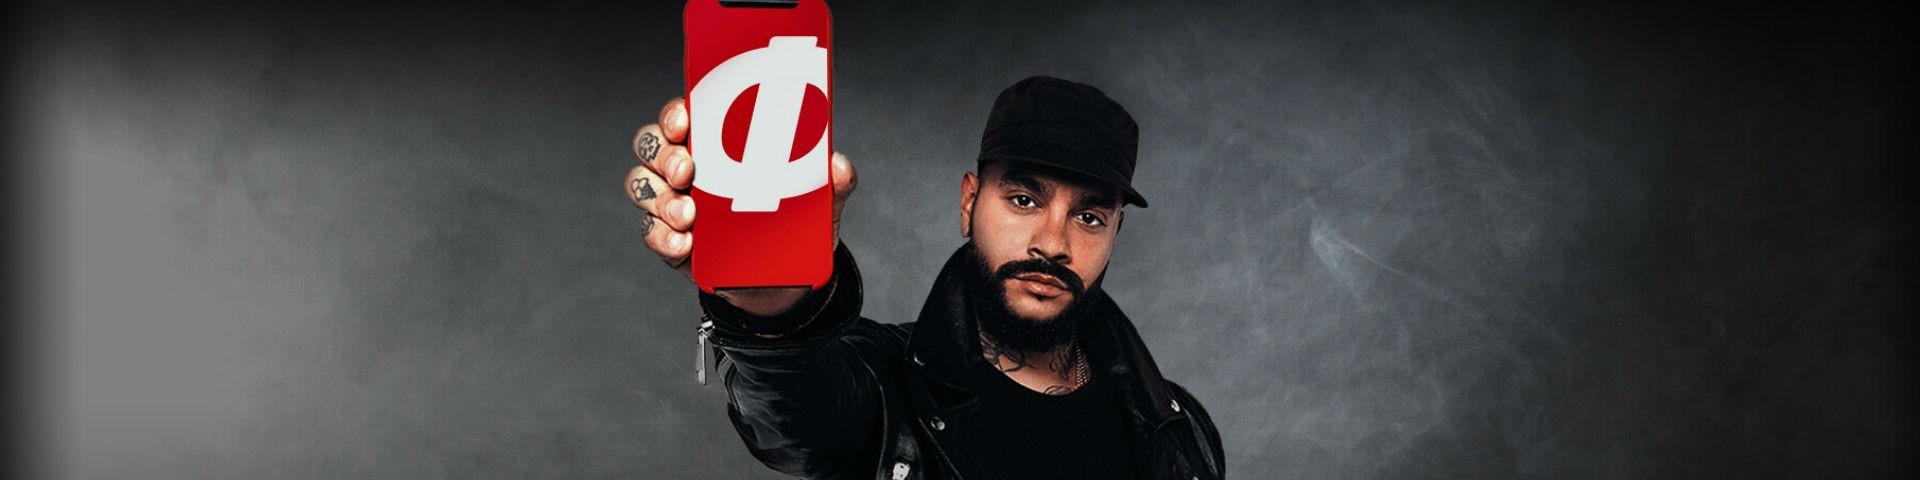 БК «Фонбет» оштрафовали за рекламный баннер с Тимати